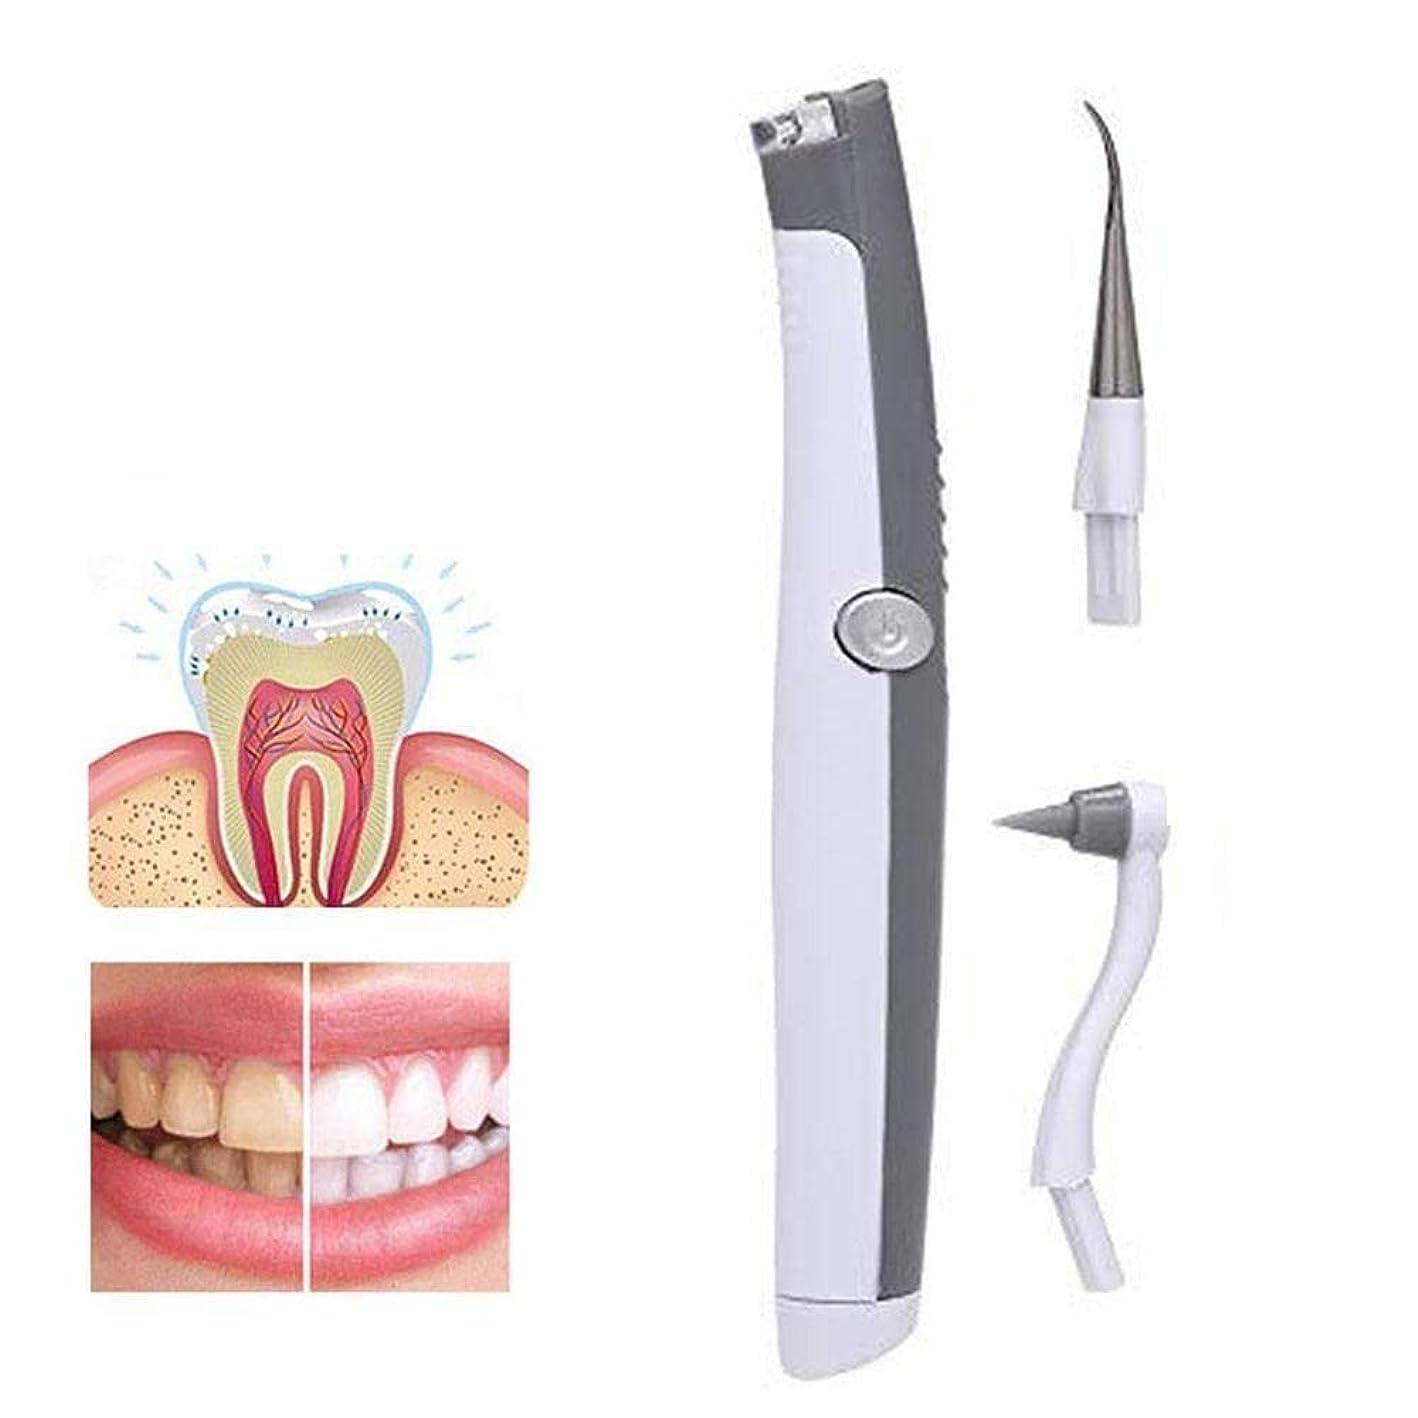 思い出させるカウボーイハンドブック歯のクリーニングツール電動歯ブラシ煙汚れ歯石Ledライト歯の染色消しゴムプラークリムーバーポータブル歯のホワイトニング楽器